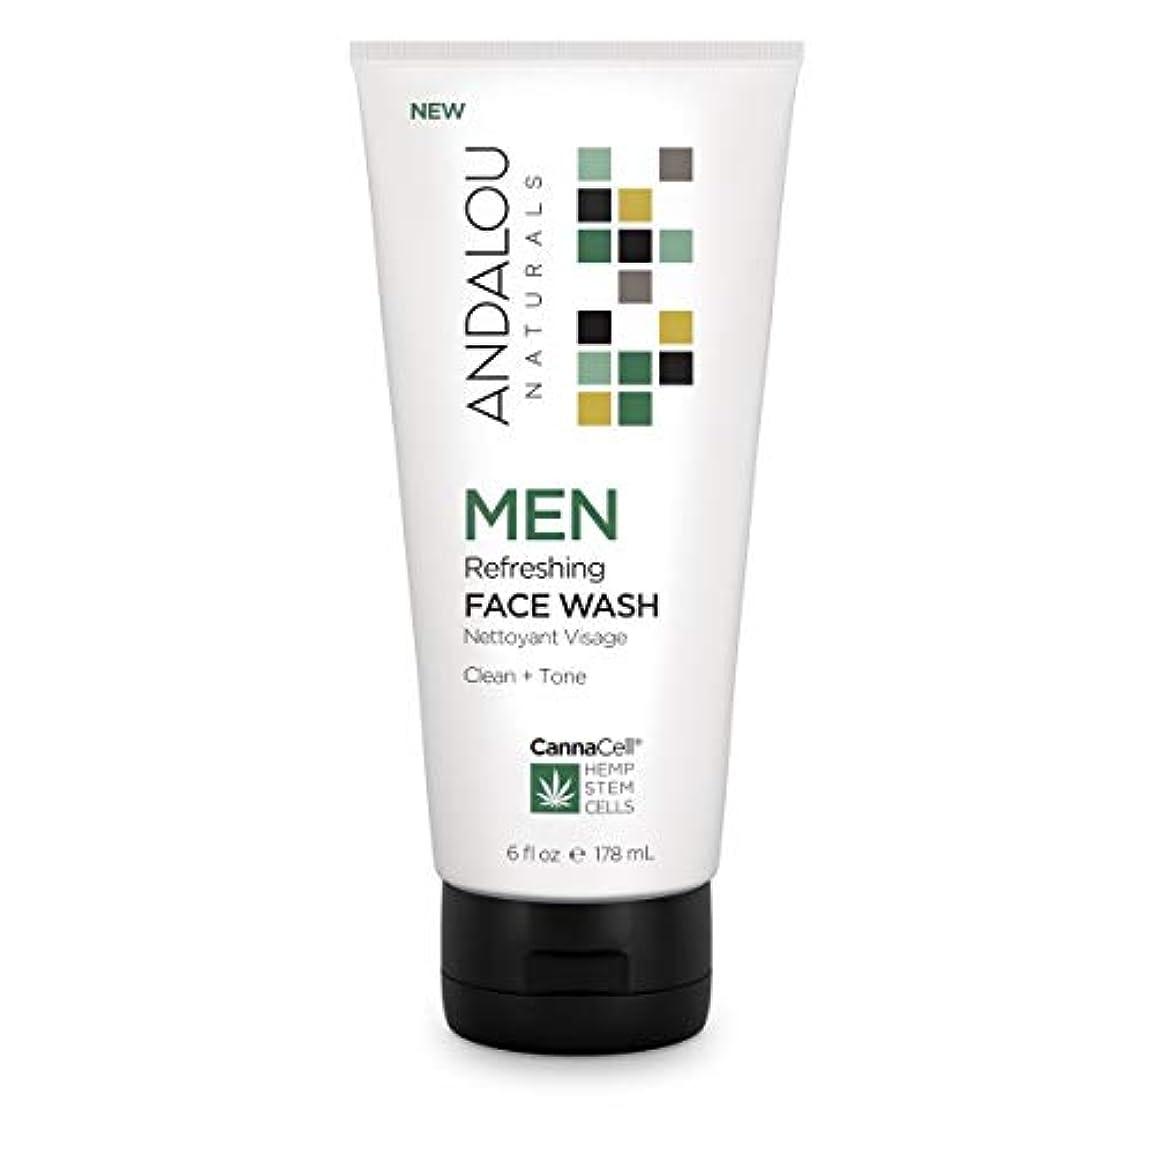 項目ケープギャングオーガニック ボタニカル 洗顔料 洗顔フォーム ナチュラル フルーツ幹細胞 ヘンプ幹細胞 「 MEN リフレッシングフェイスウォッシュ 」 ANDALOU naturals アンダルー ナチュラルズ